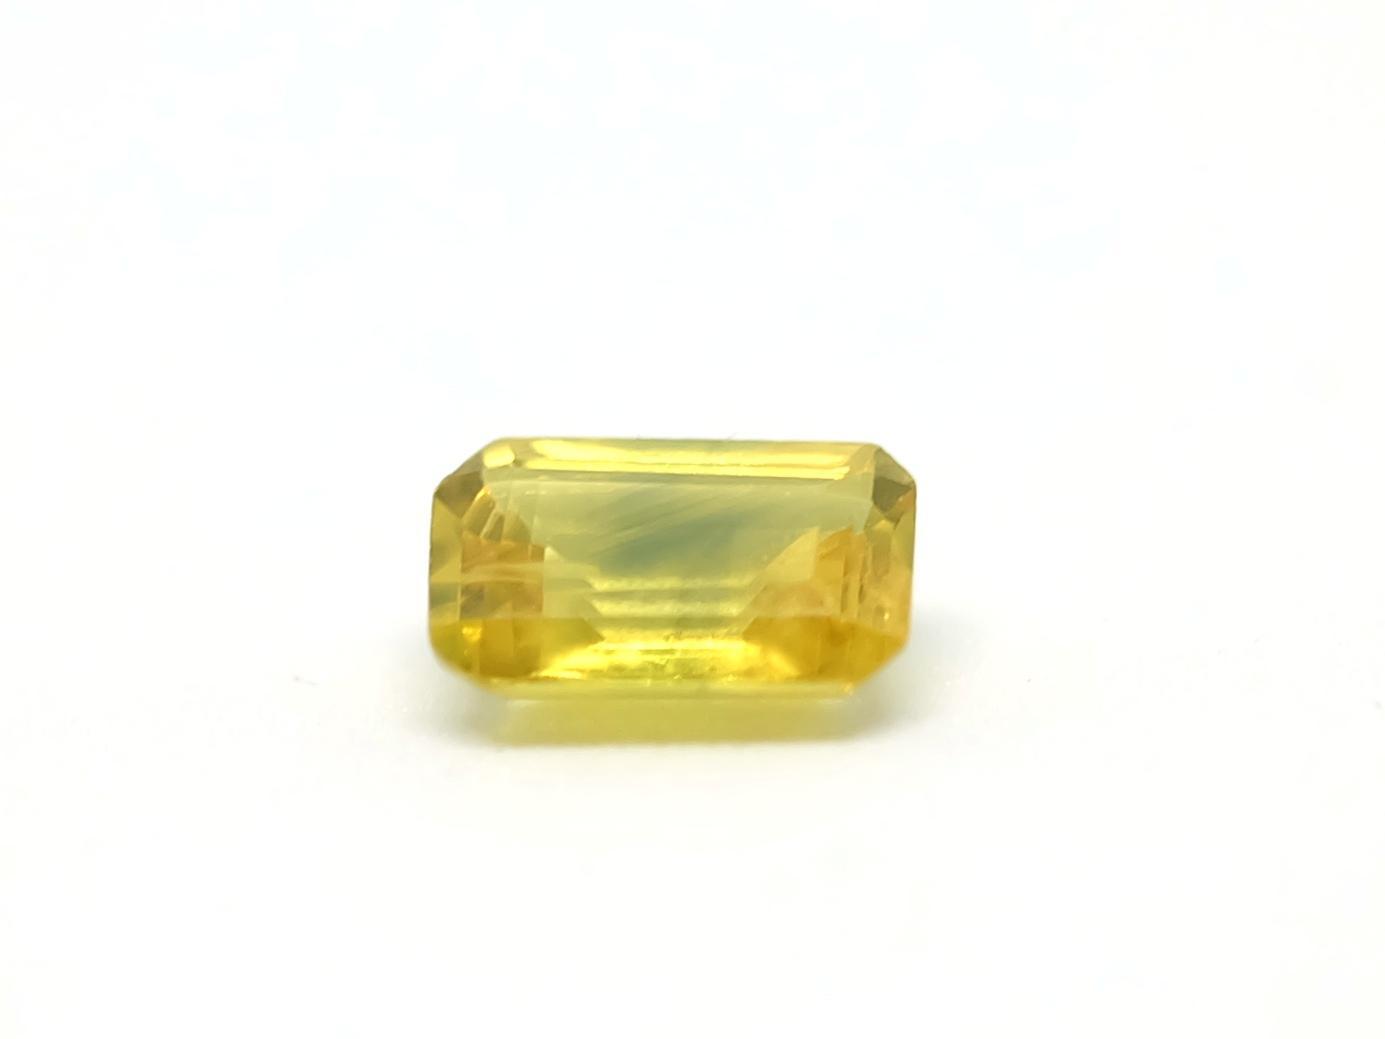 Viên đá Sapphire Vàng Thiên Nhiên Kiểm định Pnj 99392 By Premiershop.